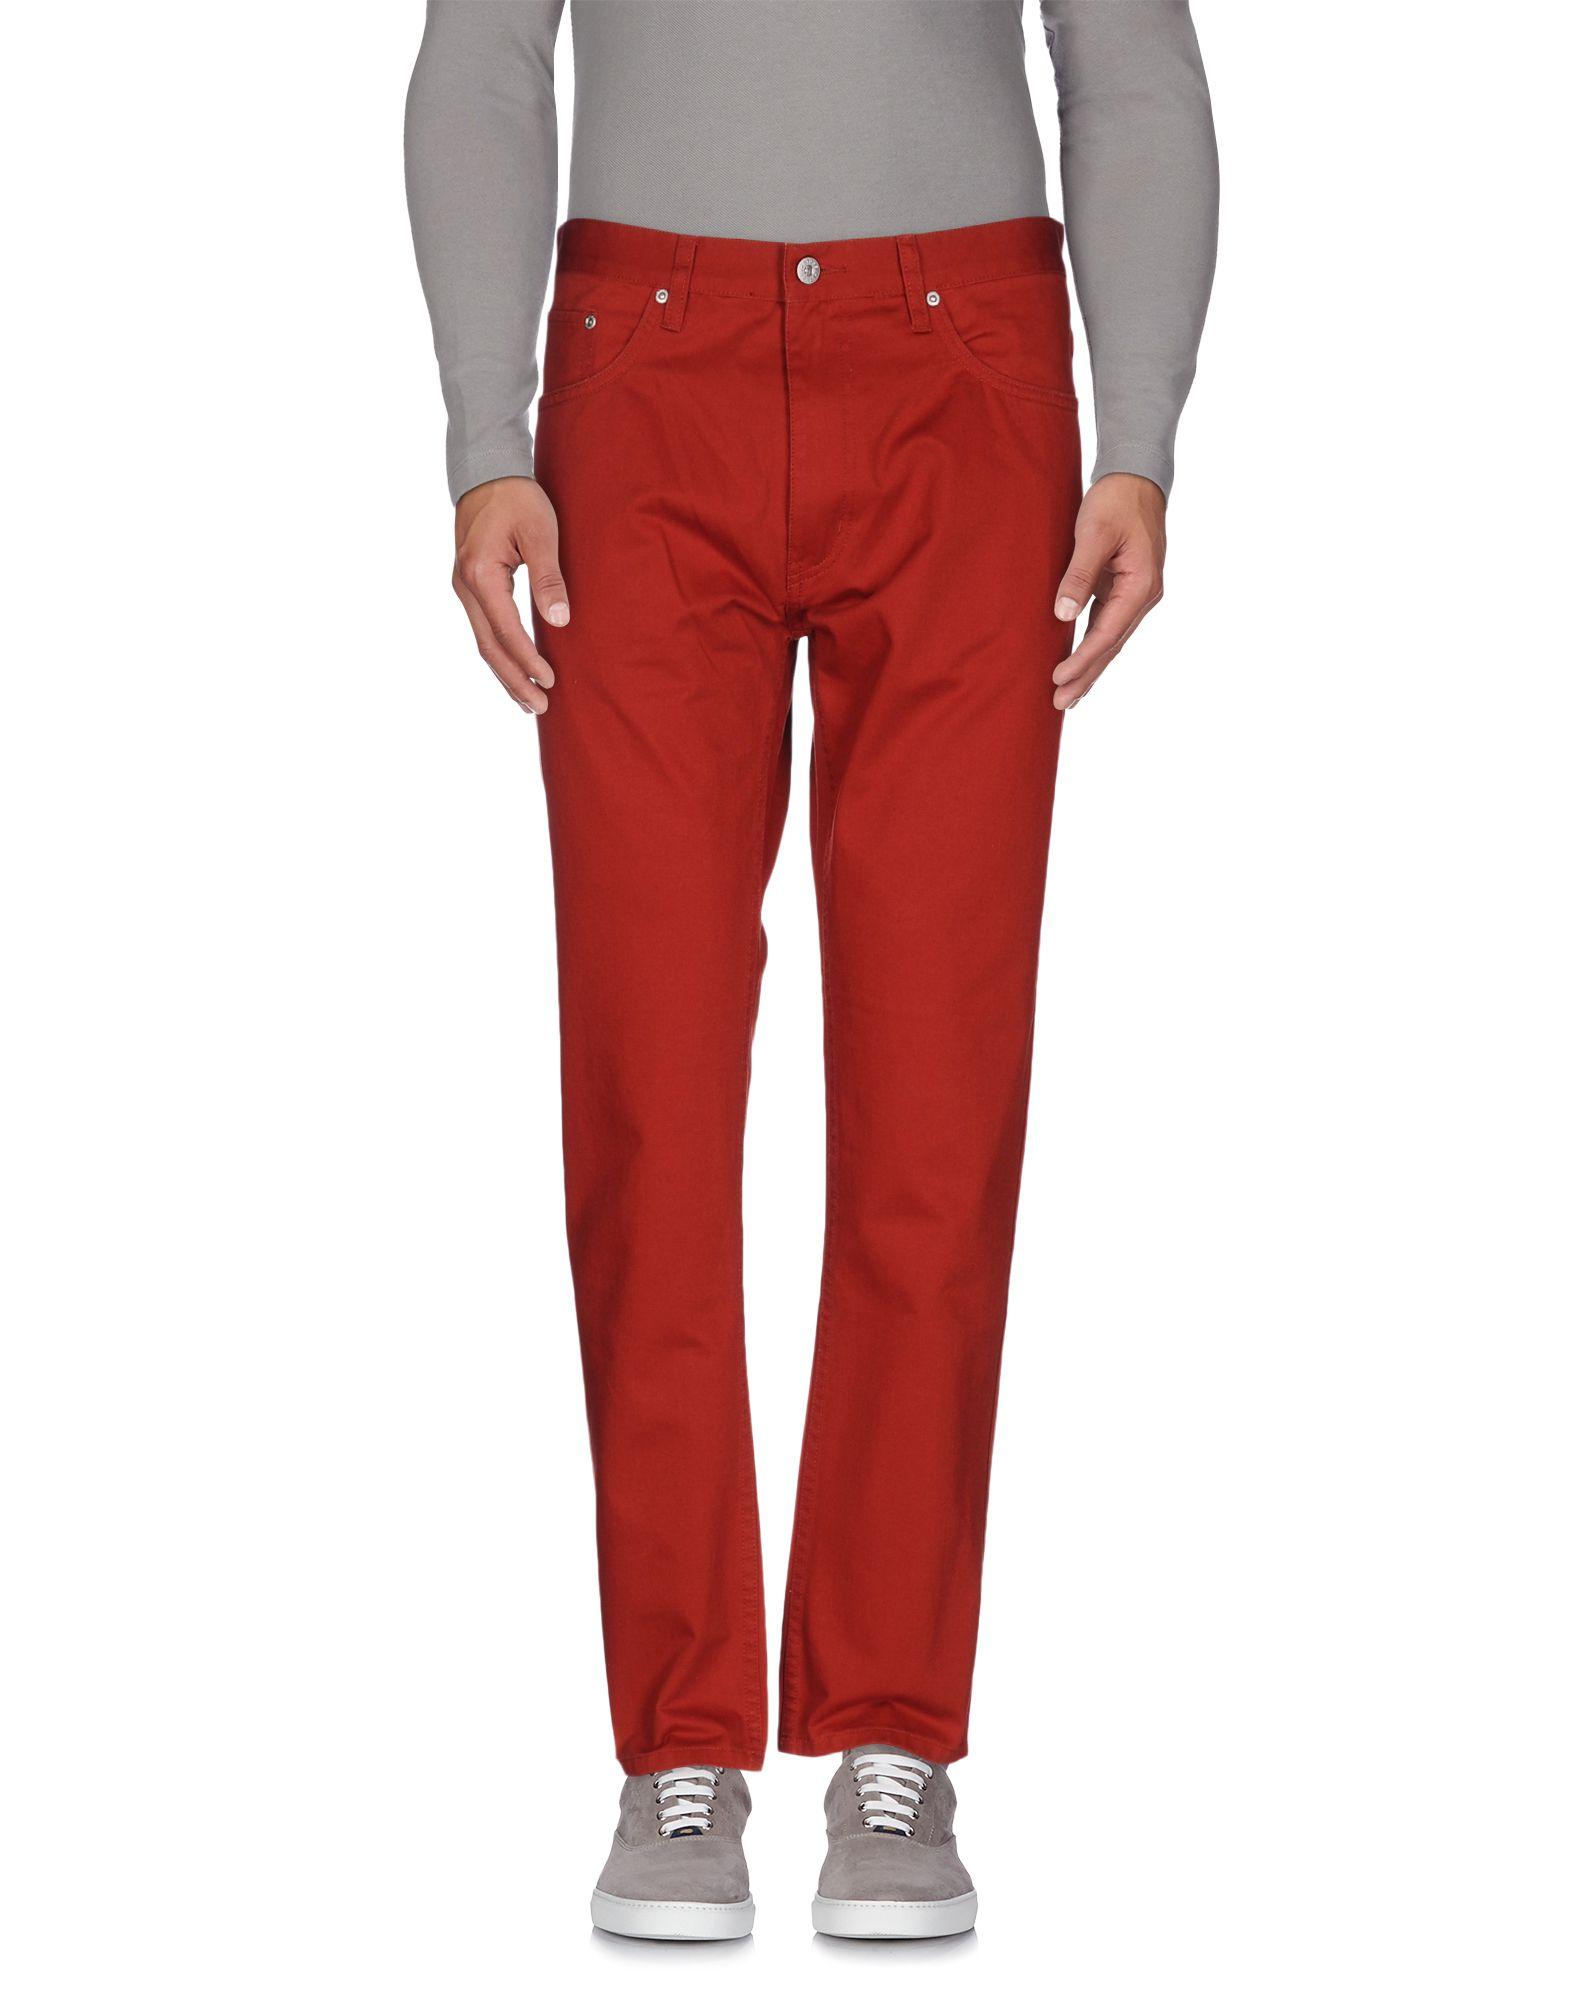 《送料無料》STUSSY メンズ パンツ ボルドー 28 コットン 100%